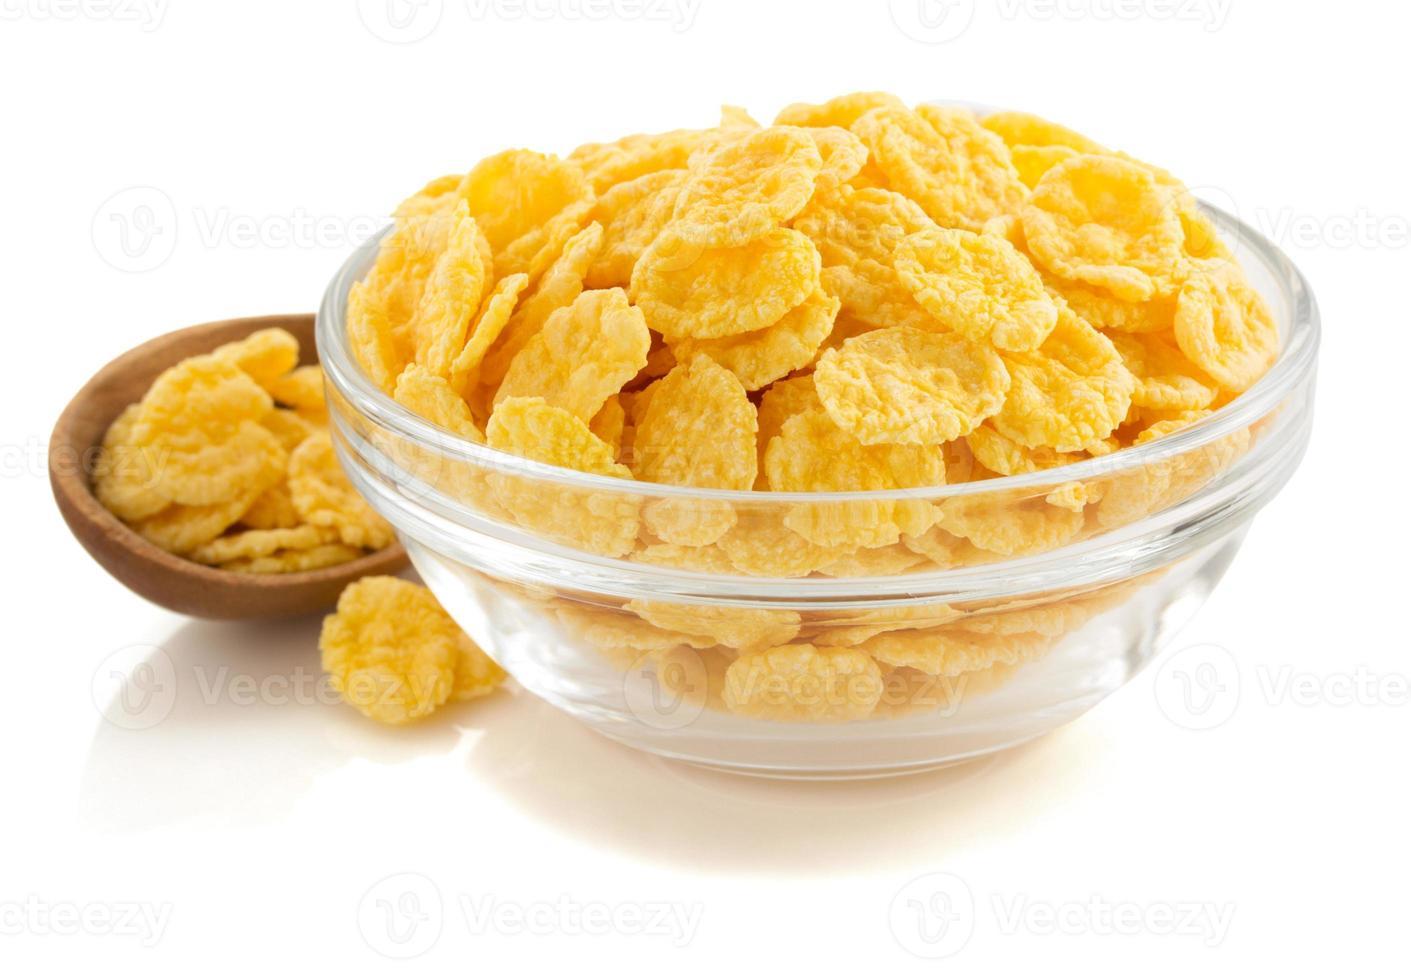 flocons de maïs dans un bol sur blanc photo